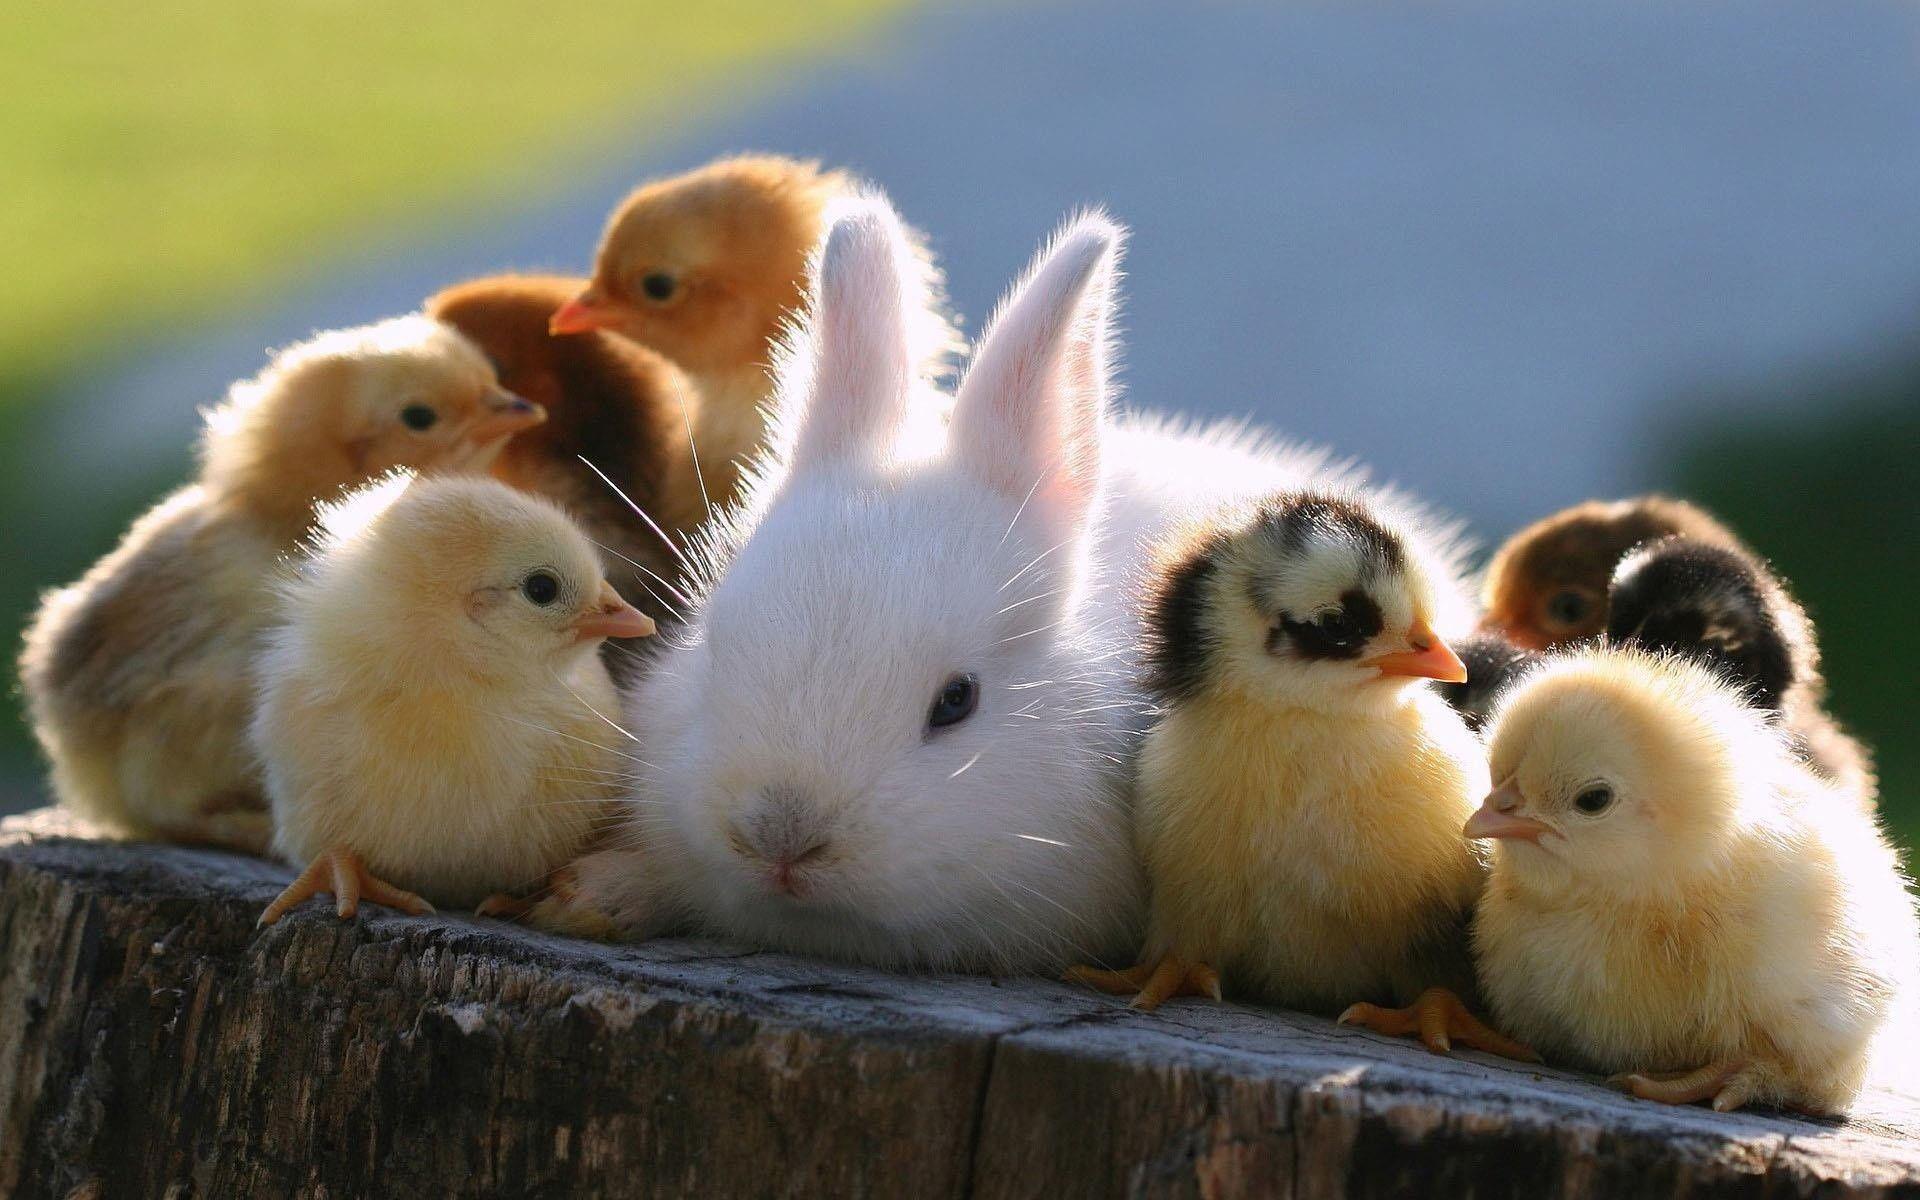 В Айове запрещено предлагать в продажу и просто отдавать кроликов или птенцов домашней птицы, которые были каким-либо образом искусственно раскрашены